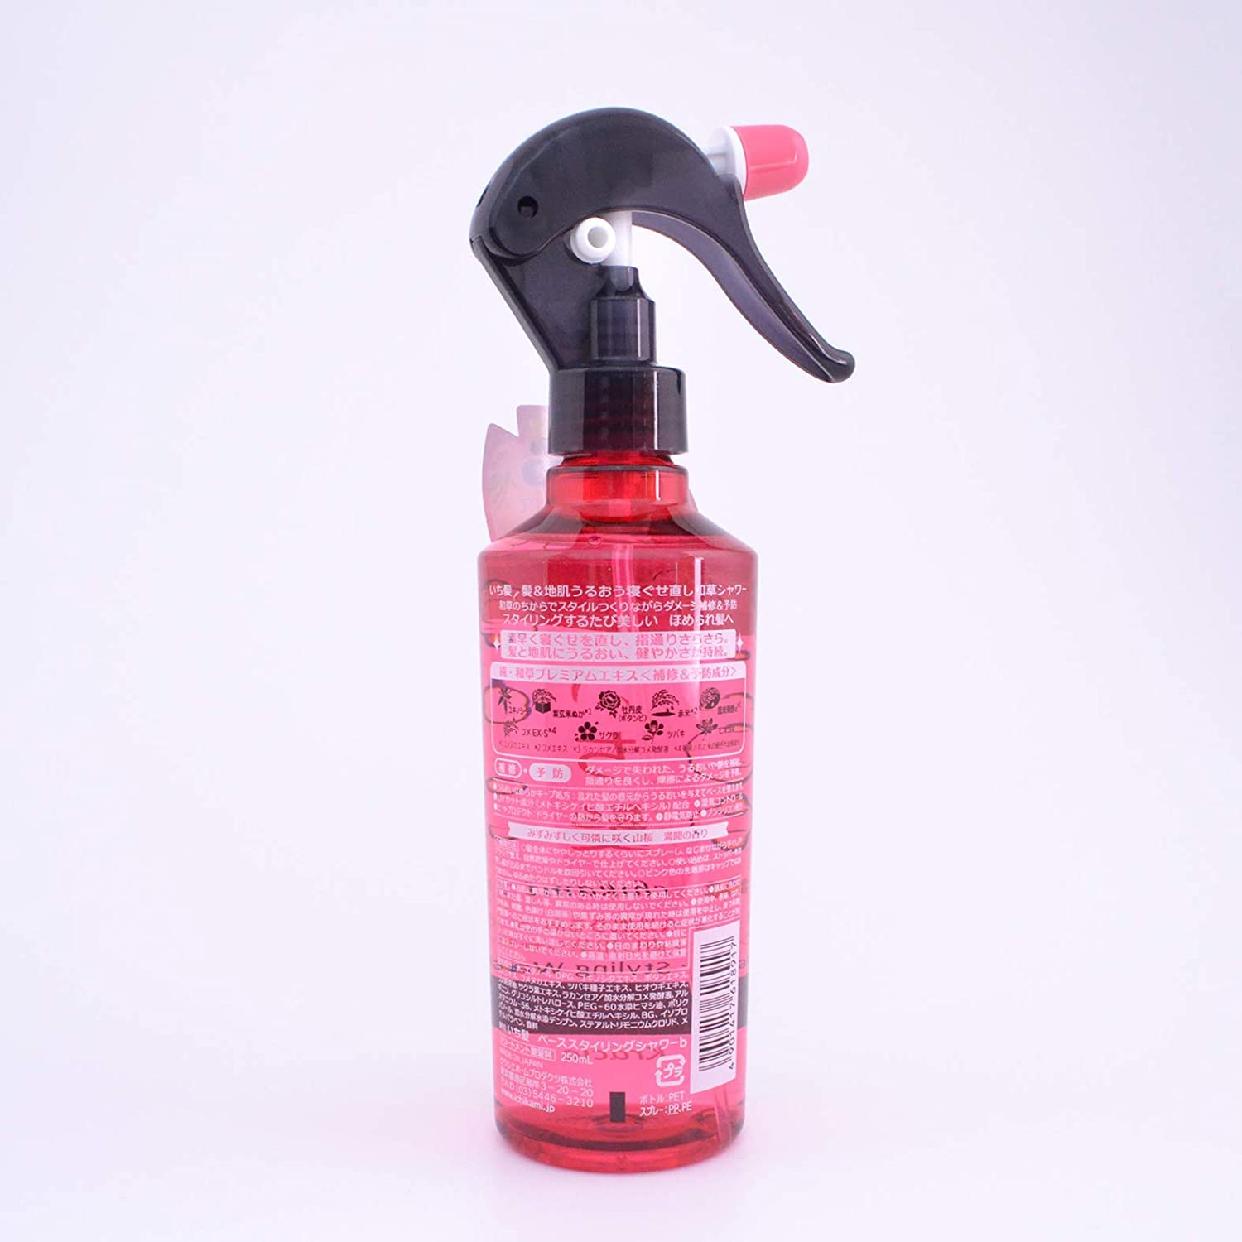 いち髪(イチカミ)いち髪 髪&地肌うるおう寝ぐせ直し 和草シャワーの商品画像2